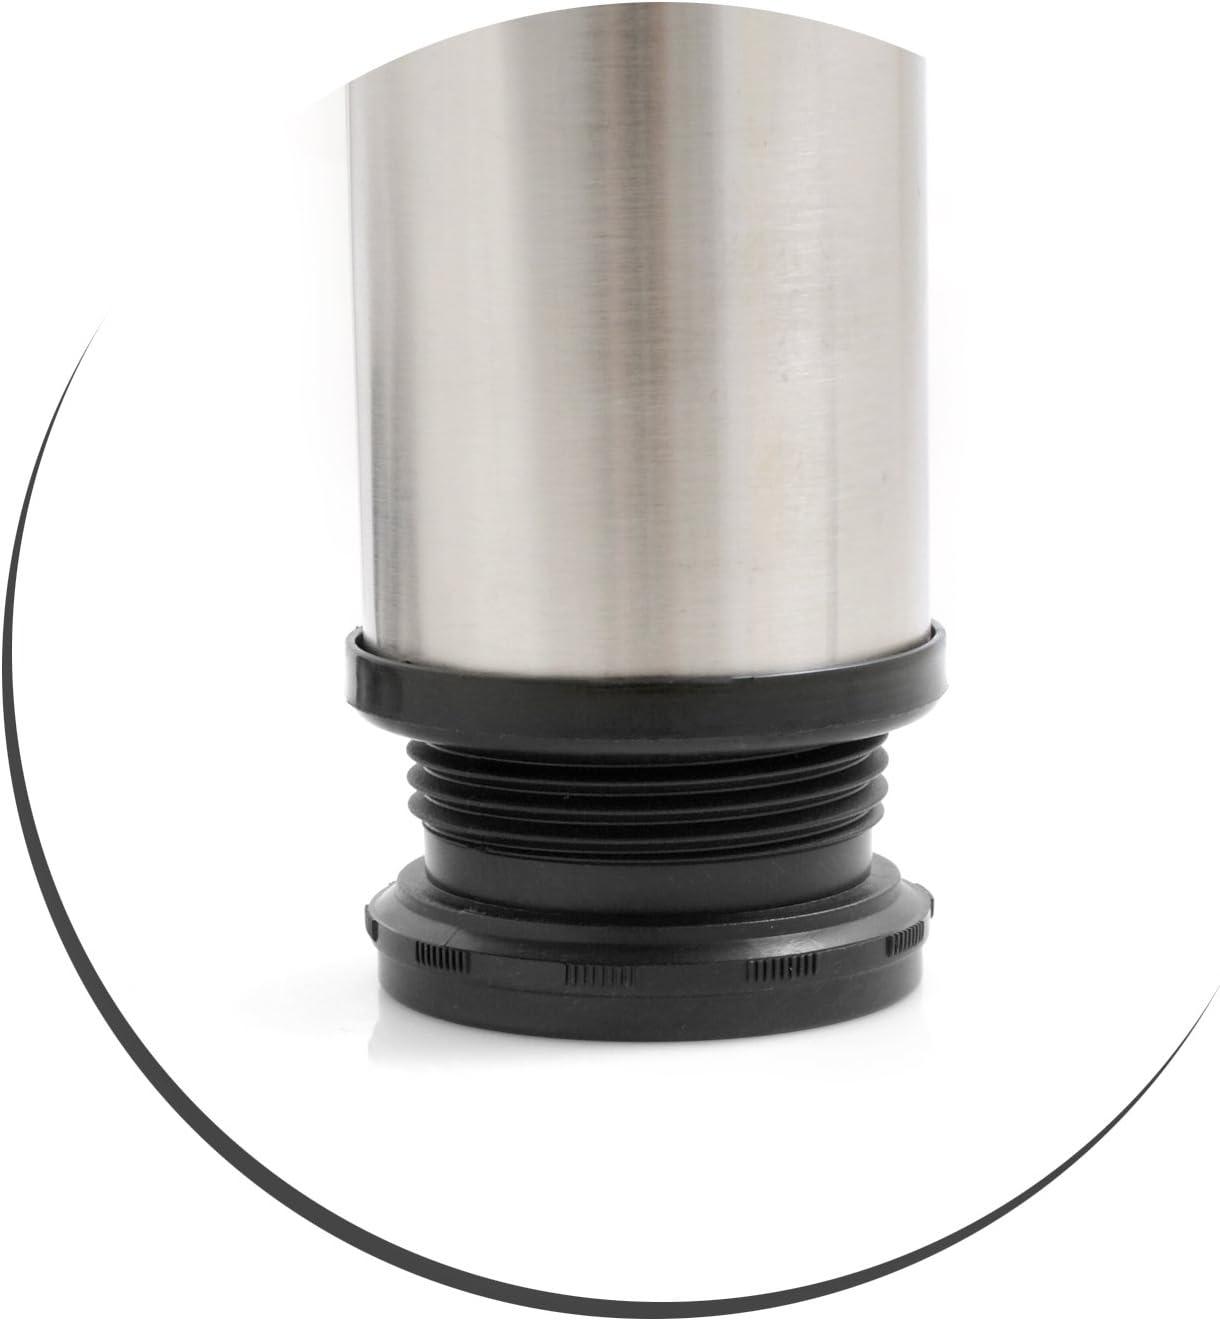 hauteur r/églable de 120 /à 140 mm. Design61/Lot de 4/pieds de meubles en acier inoxydable de 50/mm de diam/ètre pied de table de lit